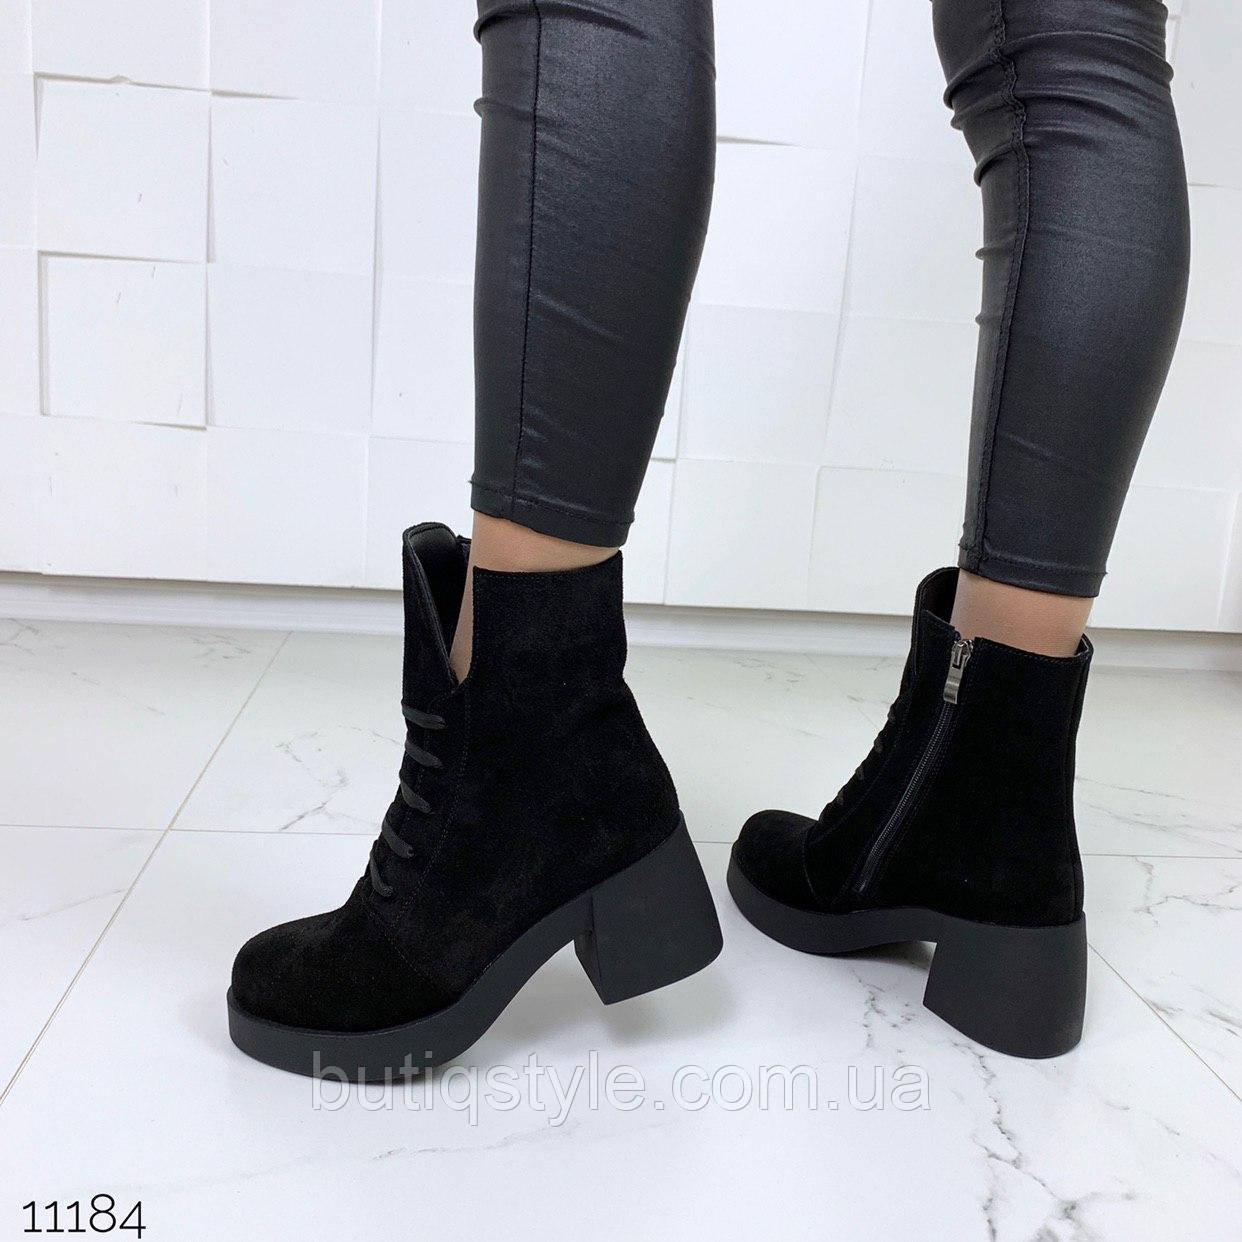 Женские черные ботинки на небольшом каблуке натуральная замша Деми